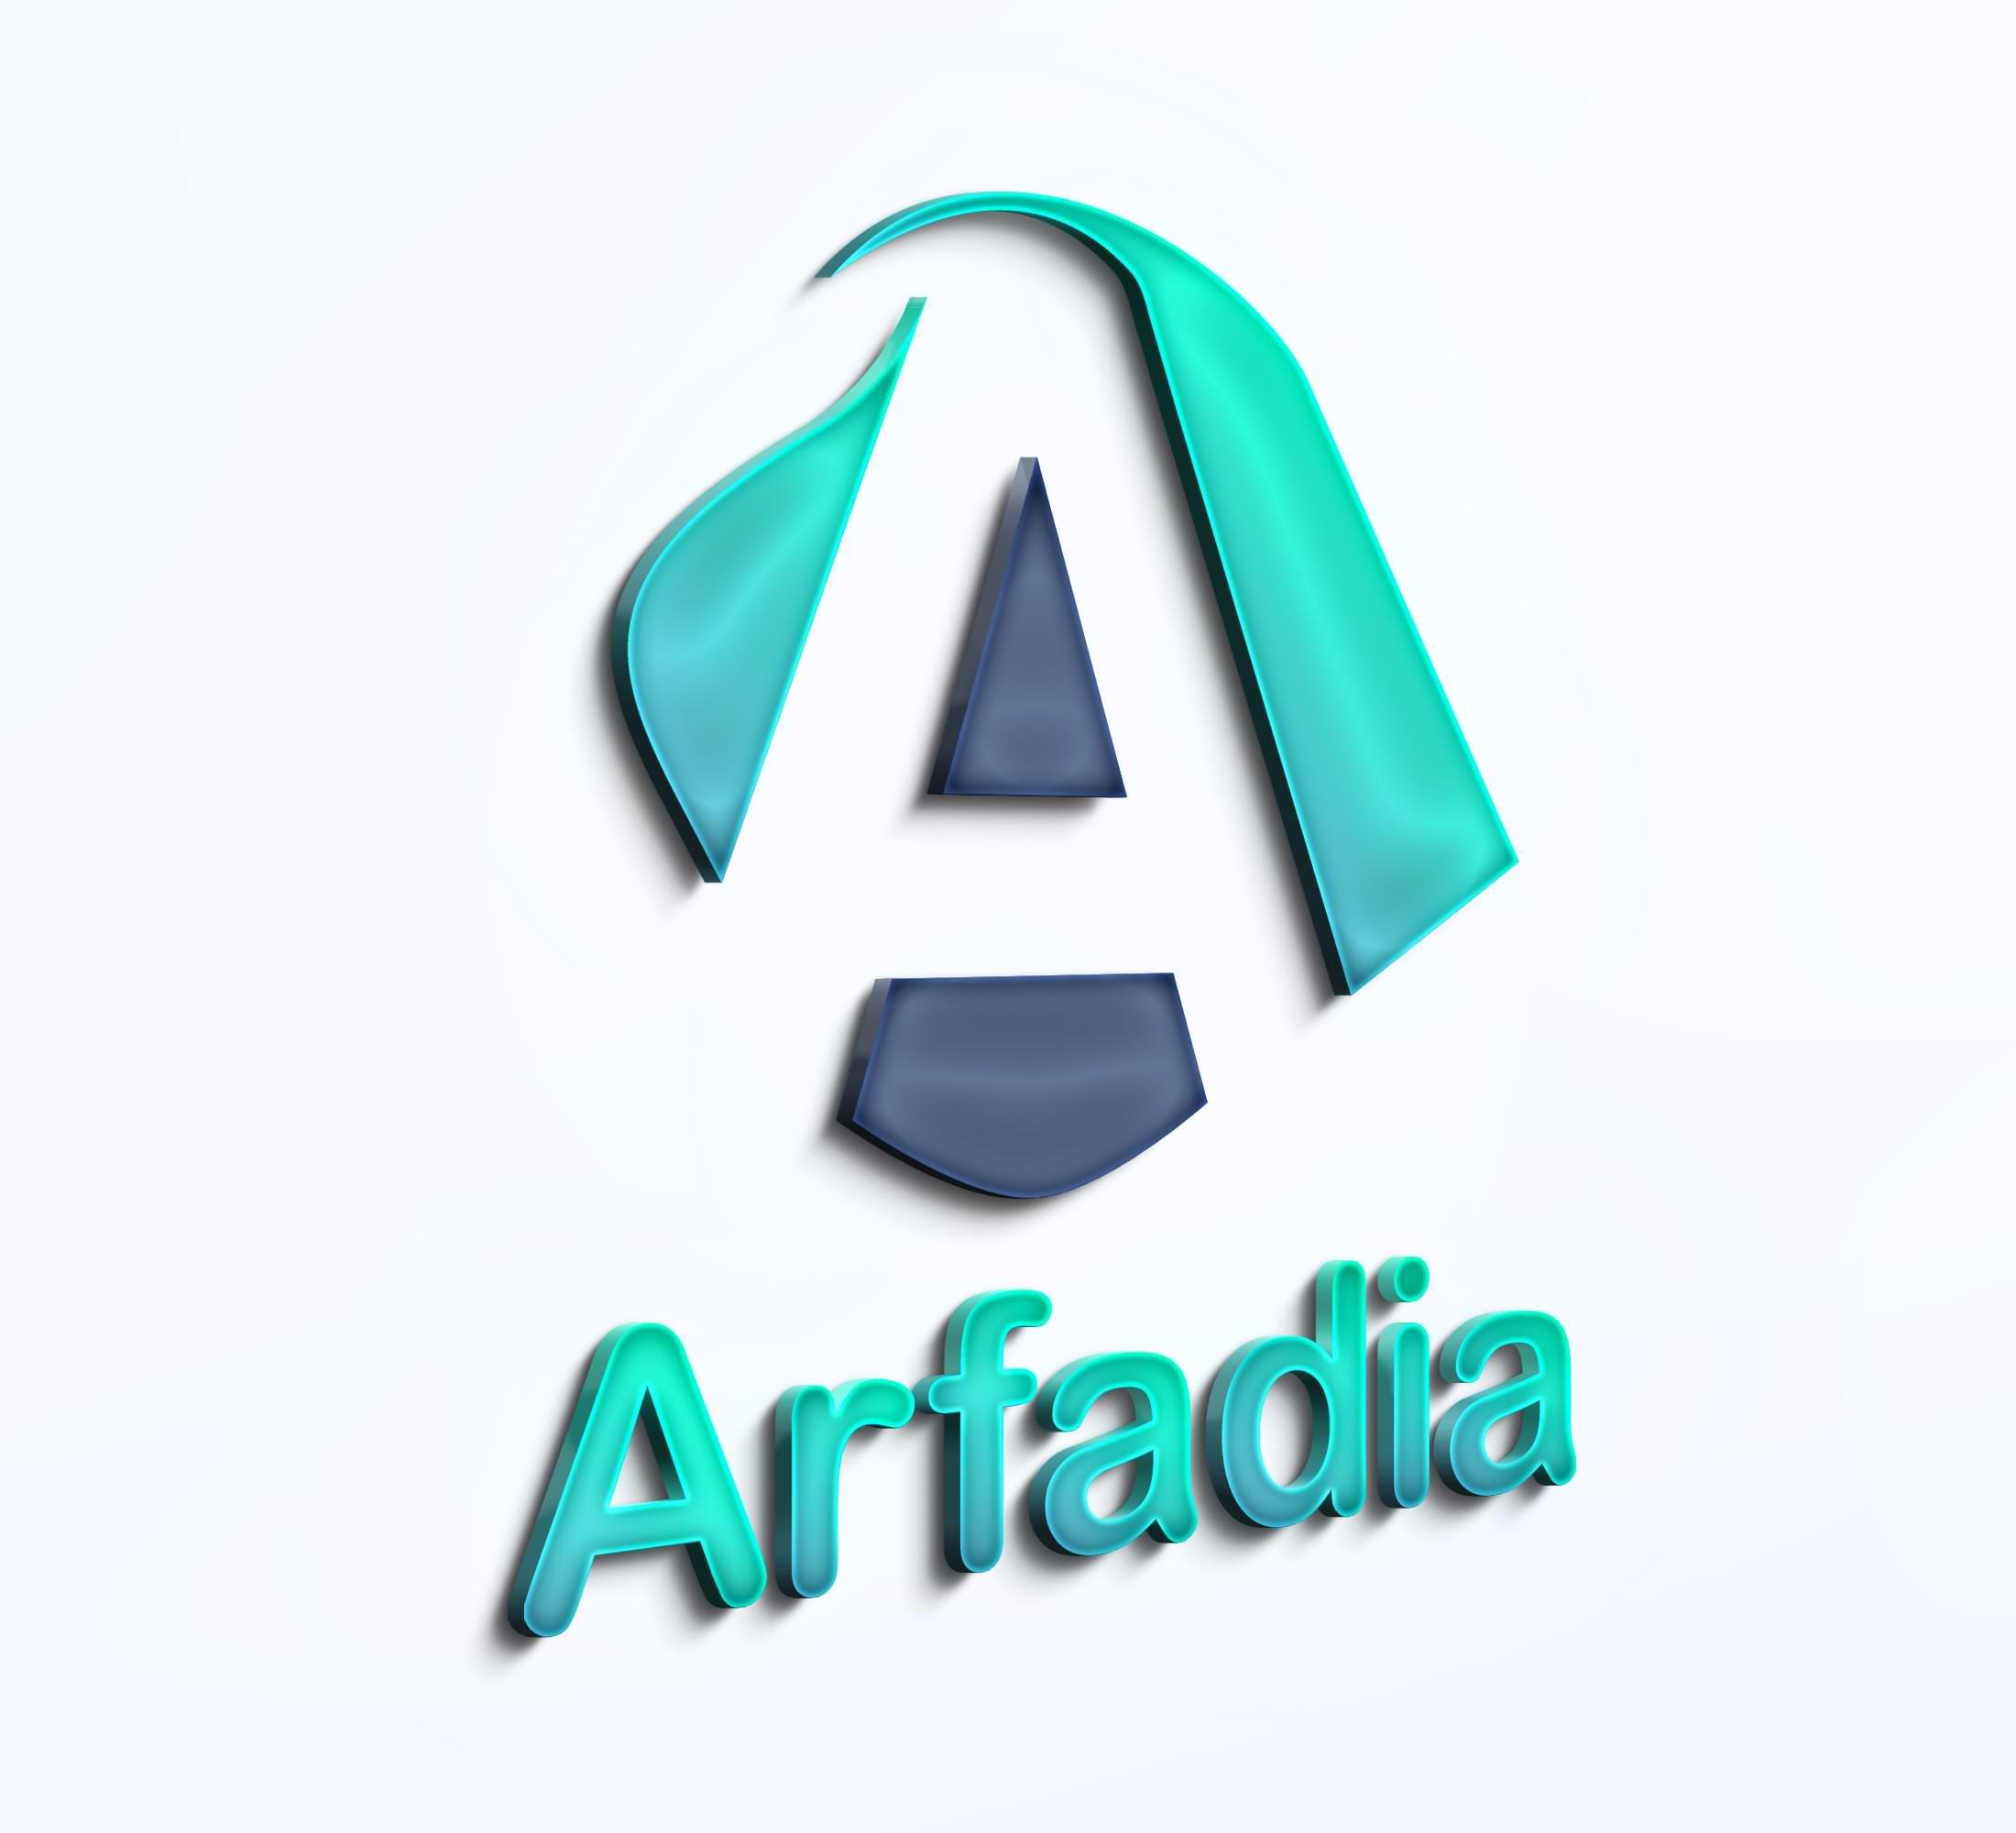 Arfadia Office